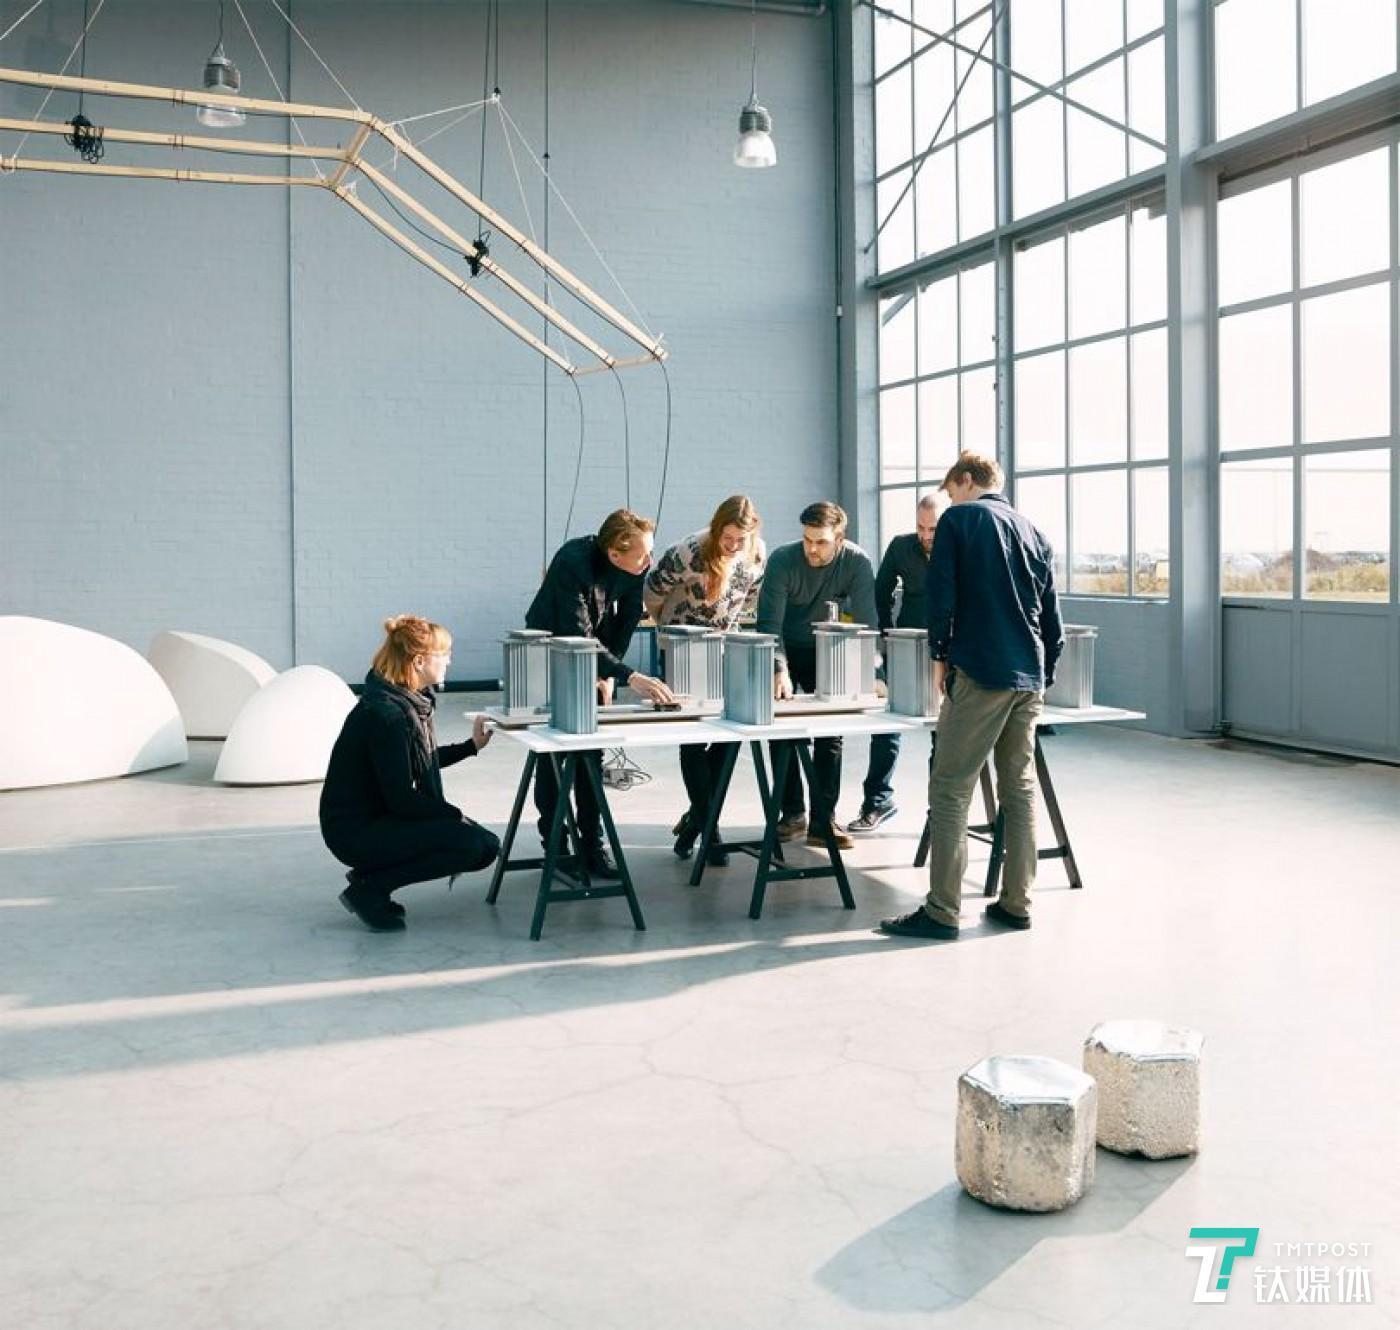 罗斯加德工作室的成员们正在讨论项目。图片来源/罗斯加德工作室